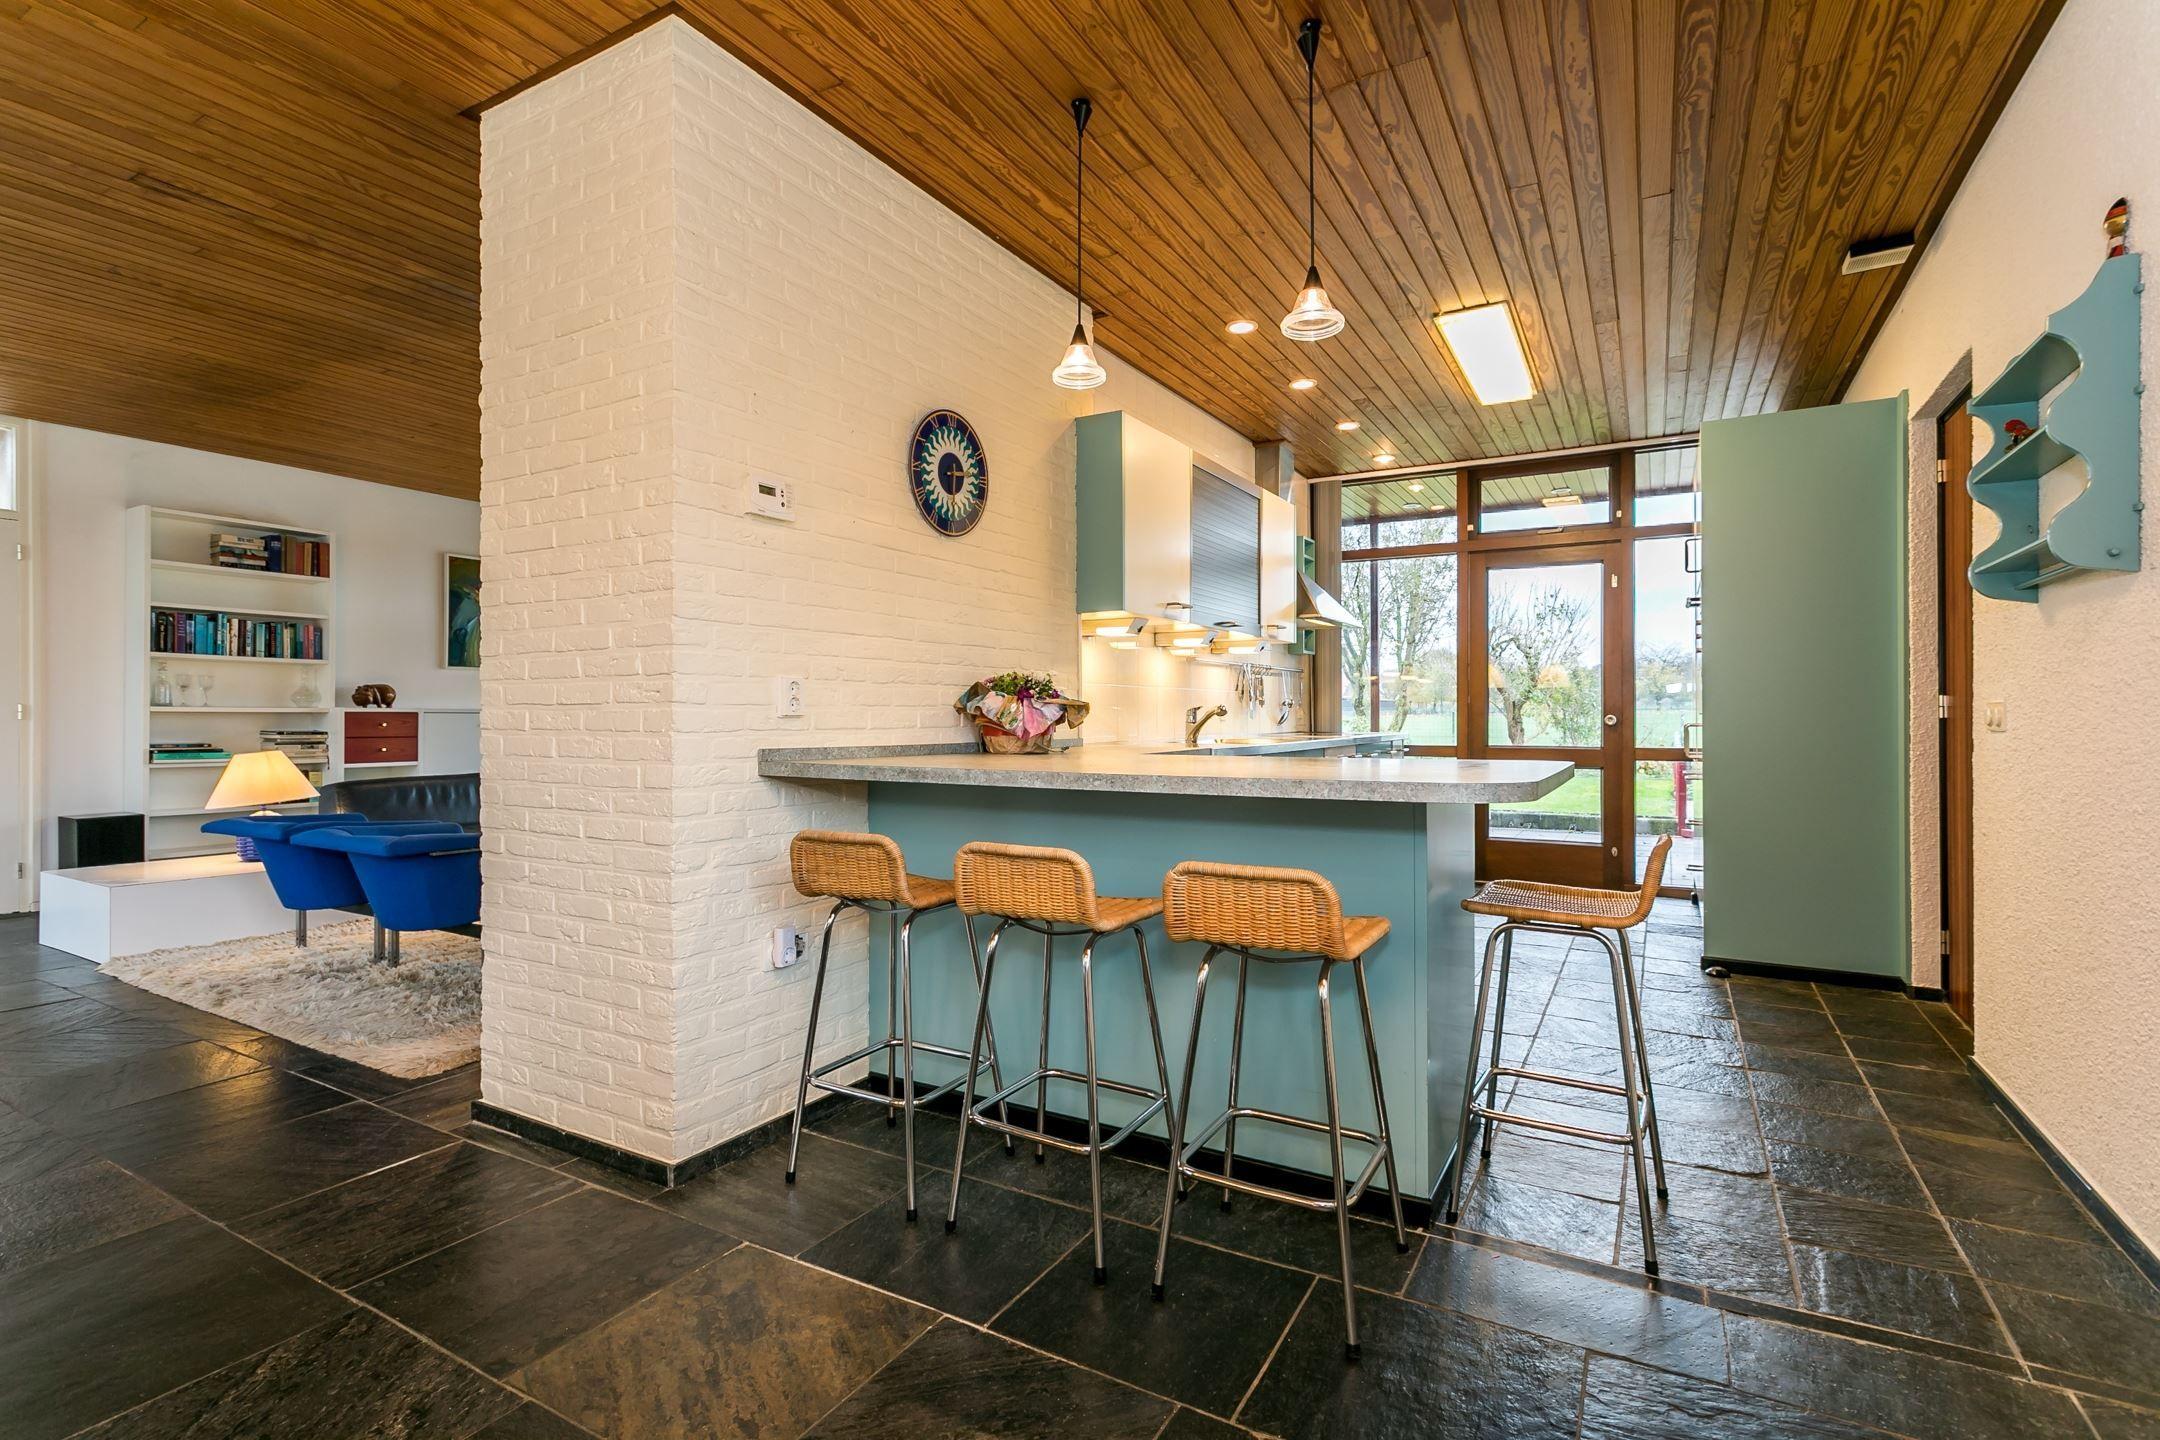 Keuken Design Maastricht : Bungalow maastricht de bestaande keuken staat in open verbinding